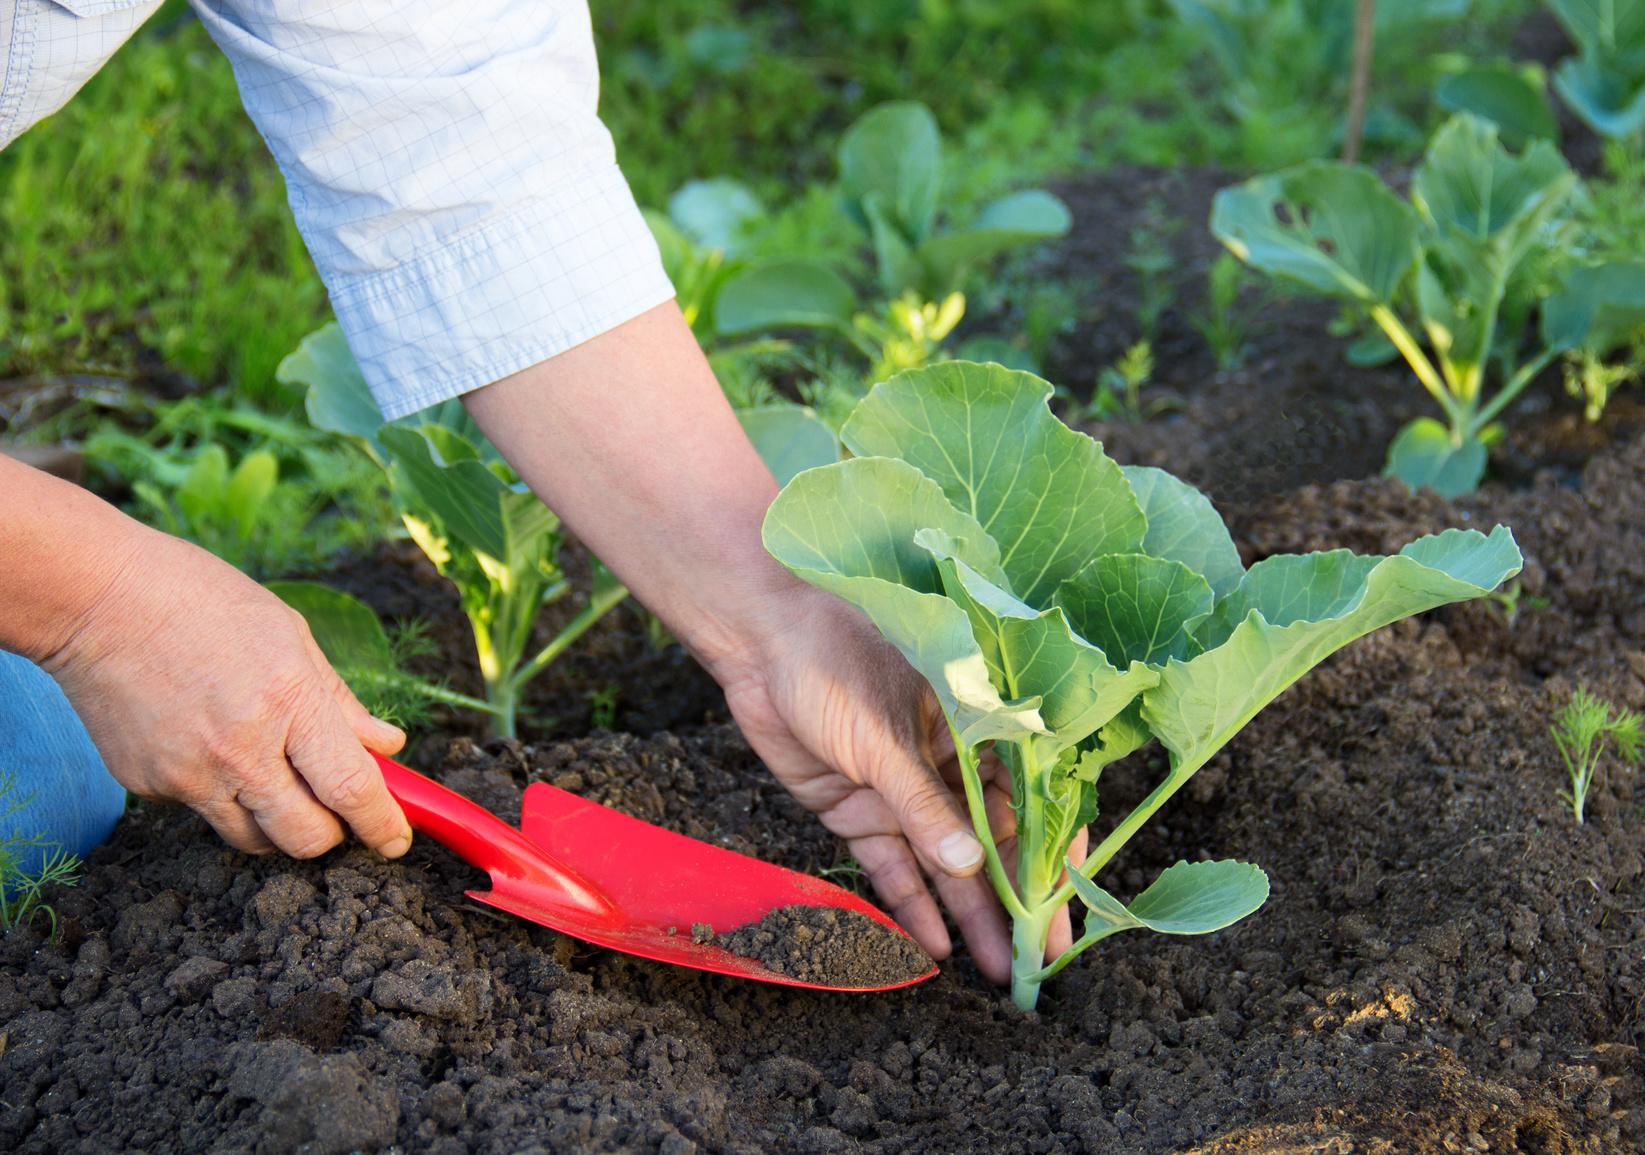 Orto in estate cosa piantare for Cosa piantare nell orto adesso